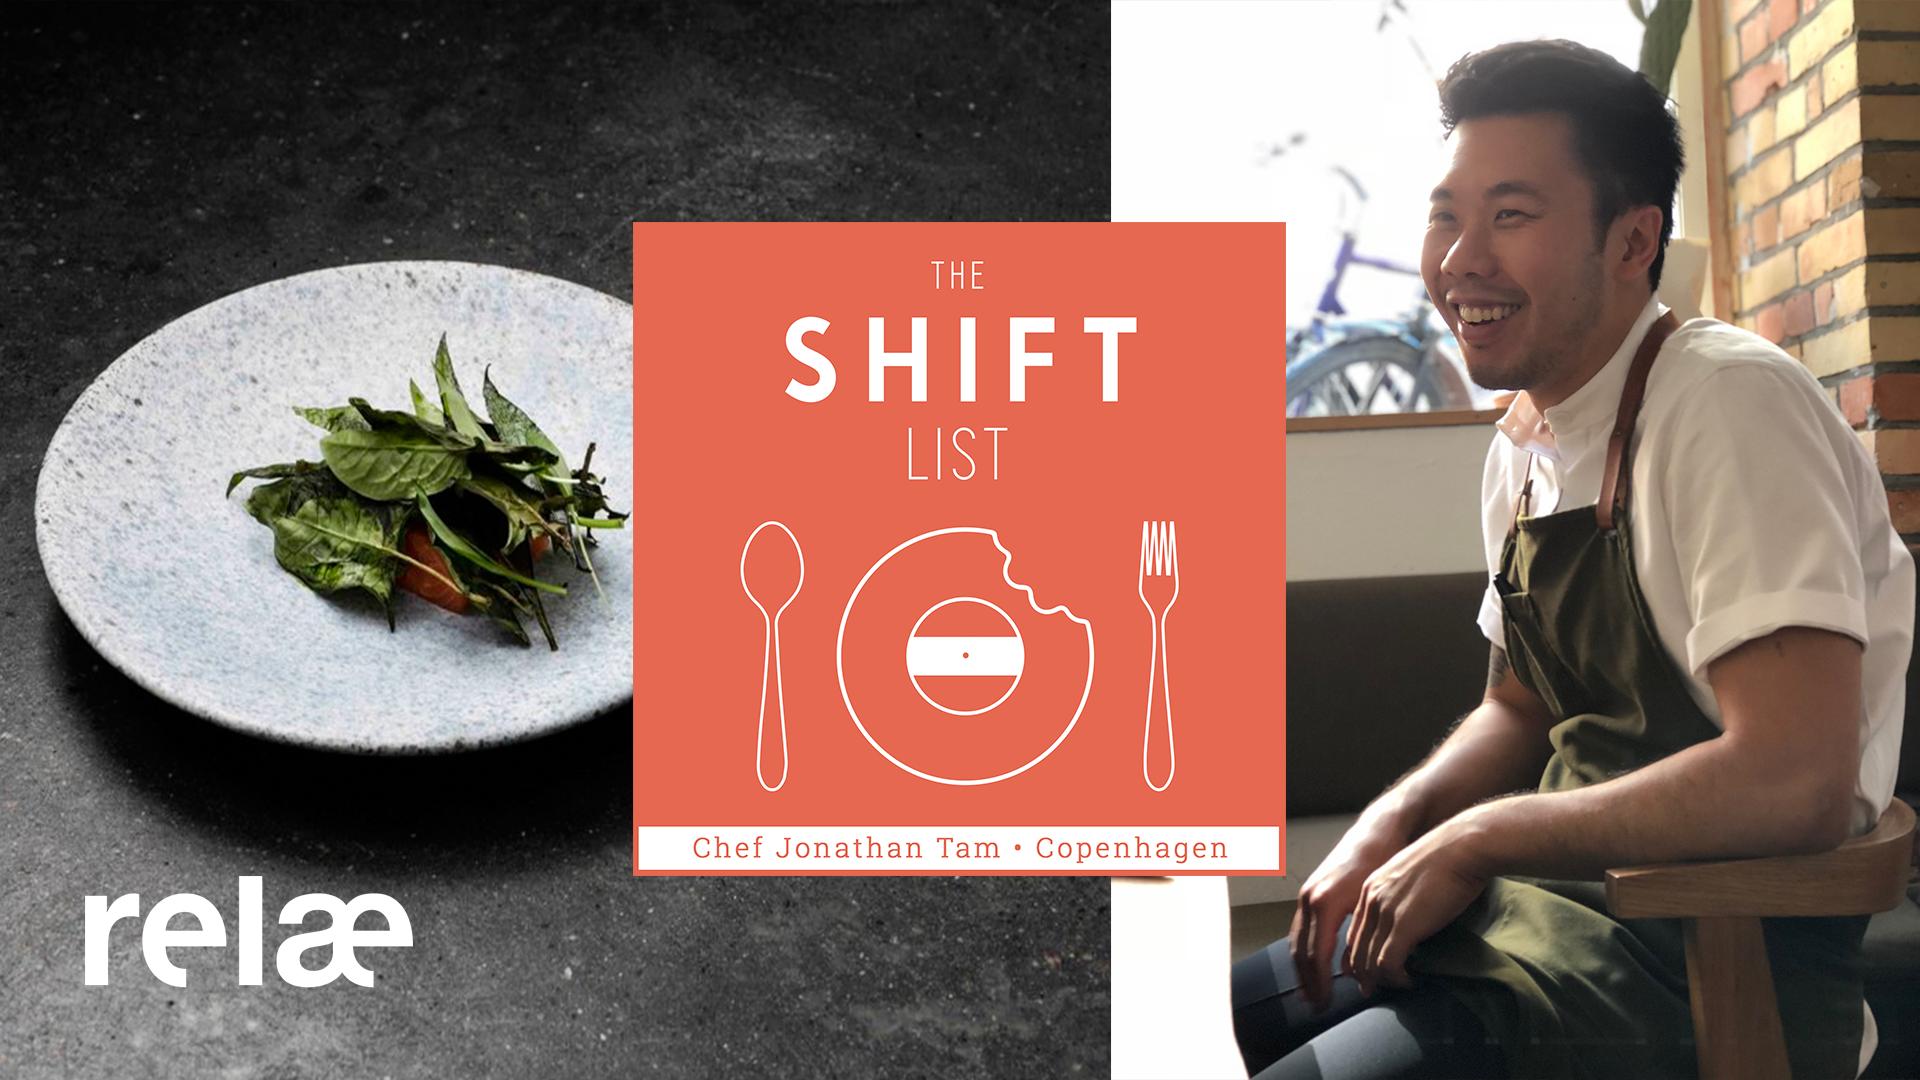 The Shift List - Jonathan Tam - Copenhagen (RELÆ, noma)